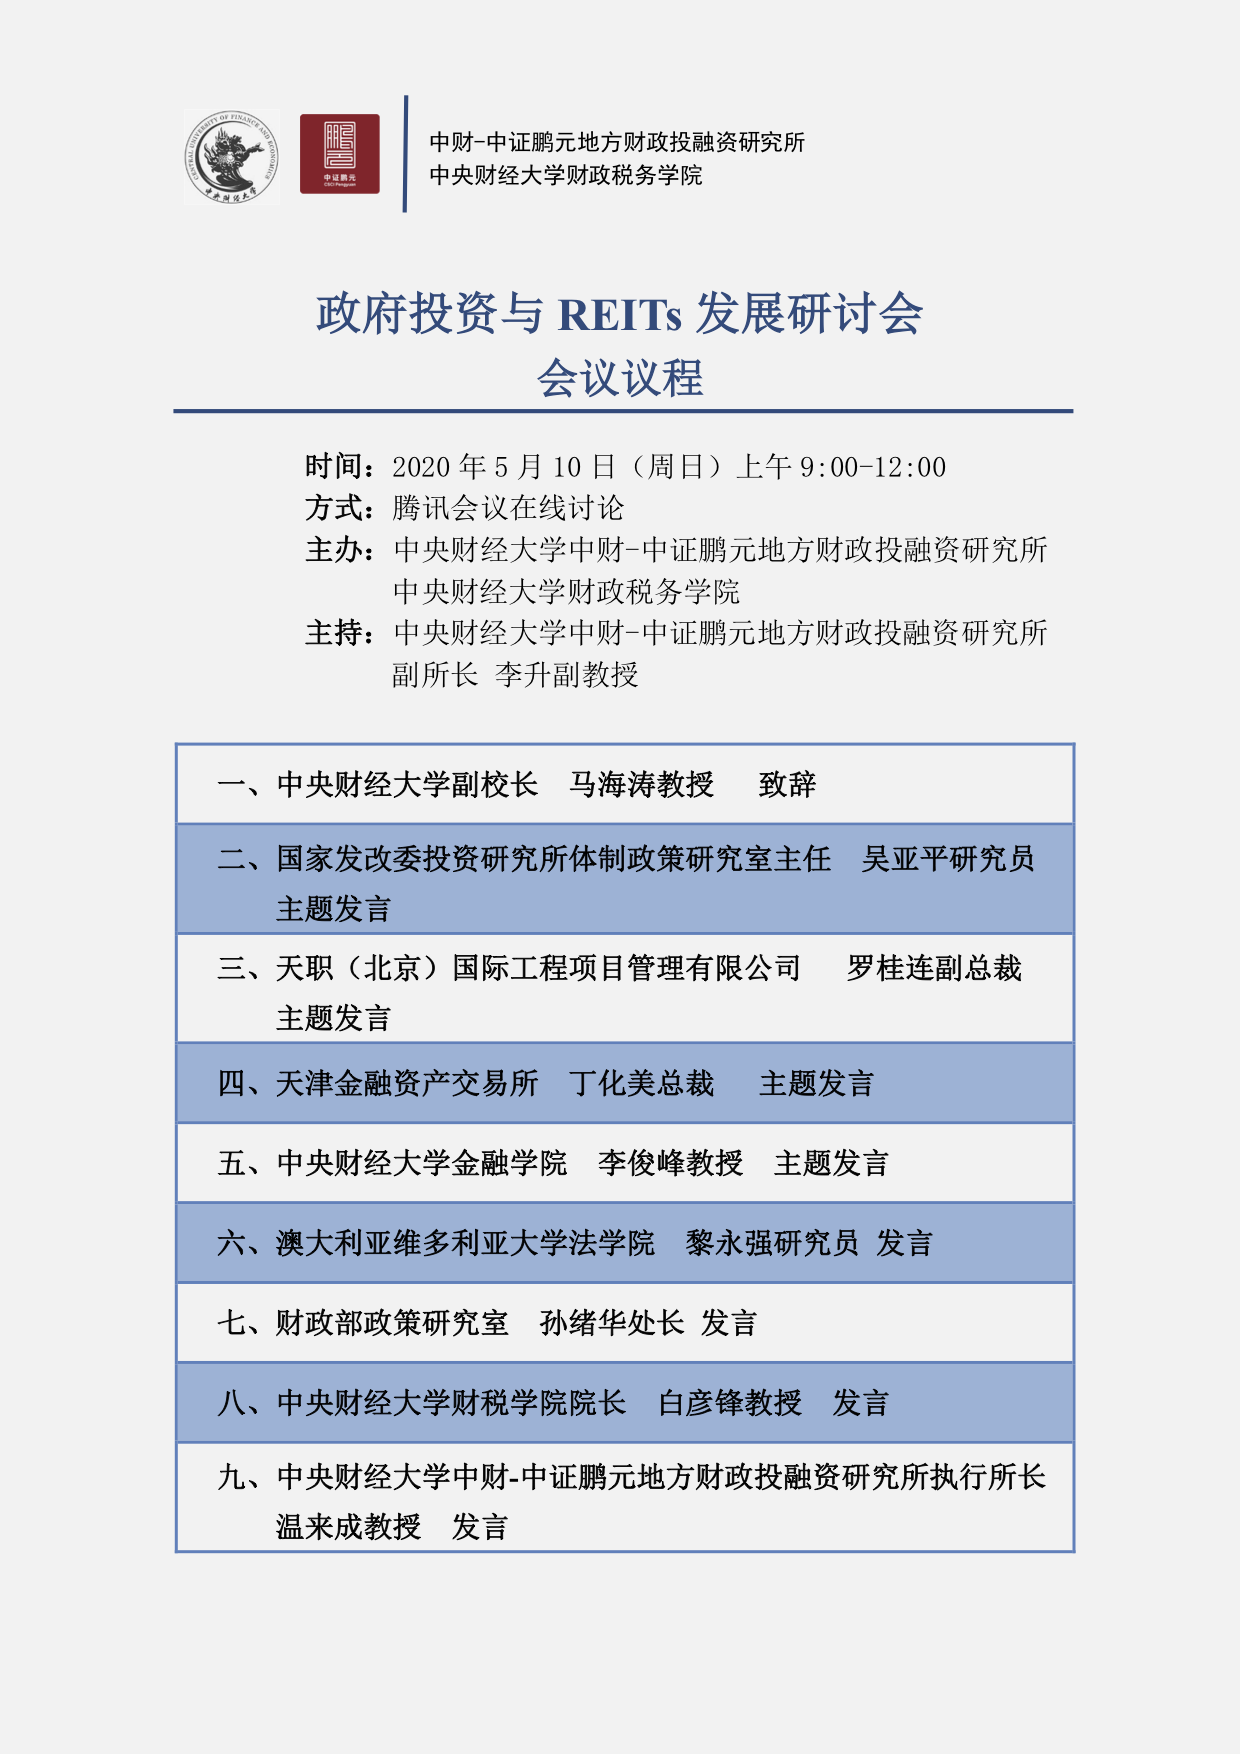 政府投资与REITs 发展研讨会会议议程2.png